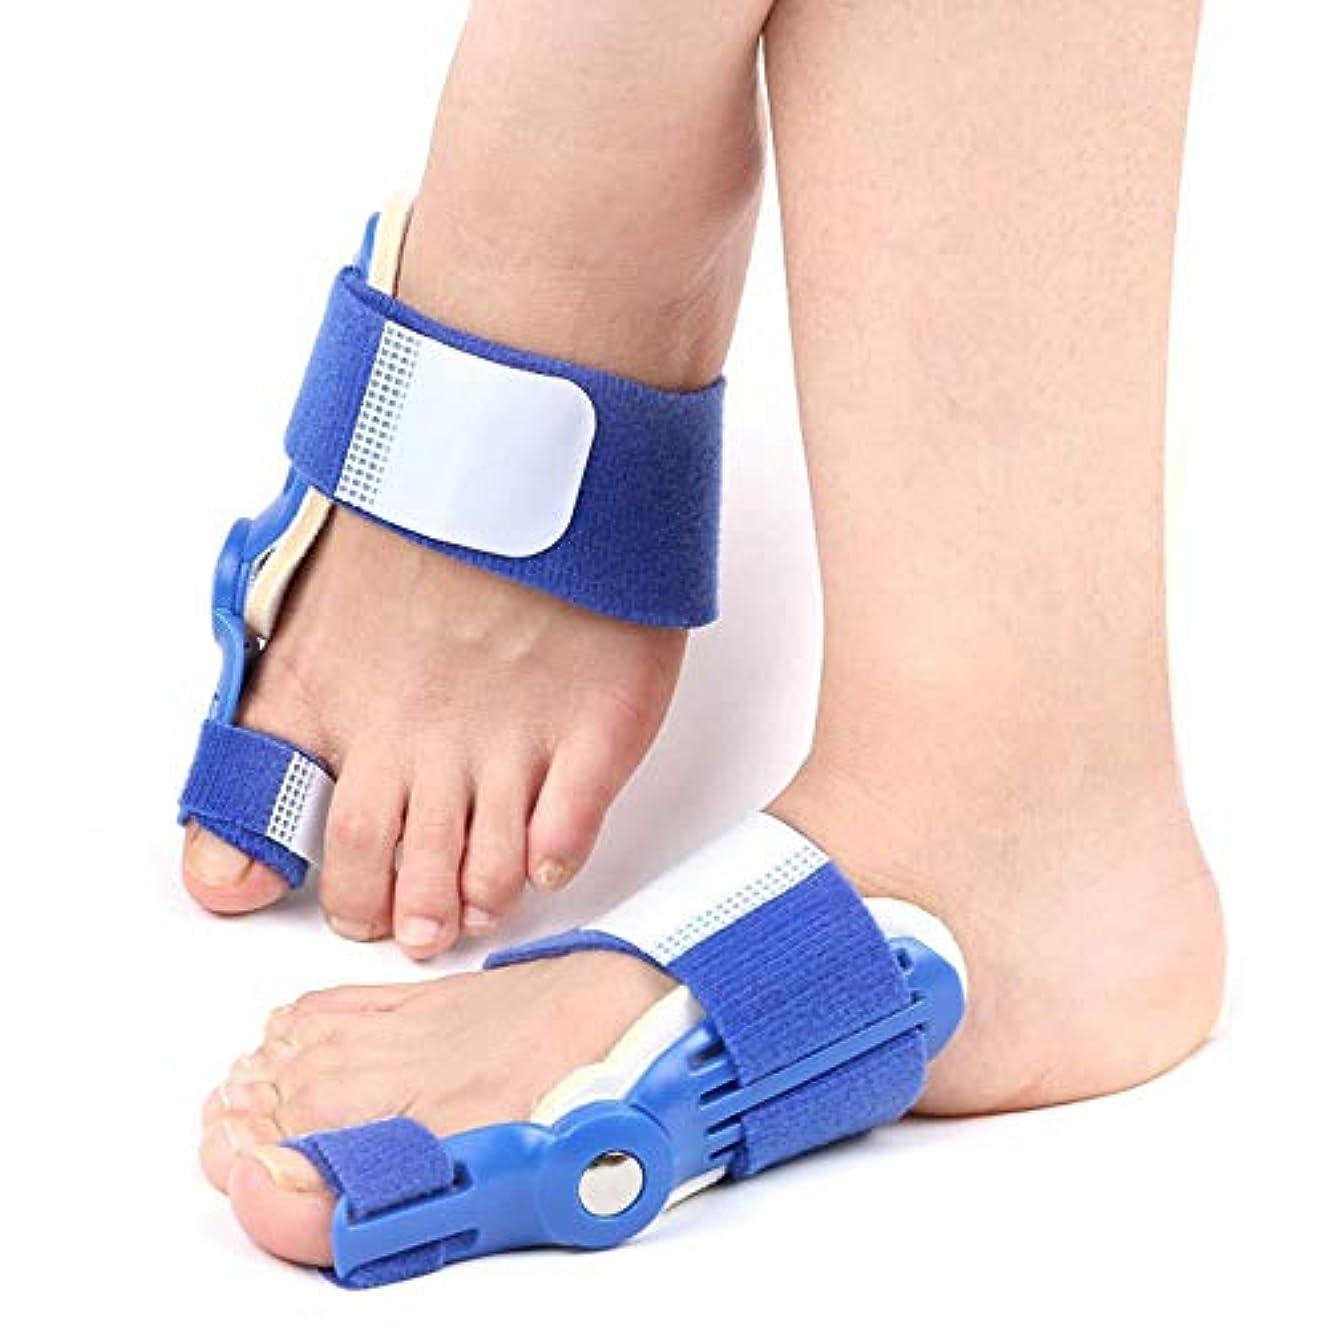 ましいニッケル報告書腱膜瘤矯正、足の親指のアライメント矯正矯正外科的疼痛緩和と腱膜瘤のサポートなしの腱膜瘤治療